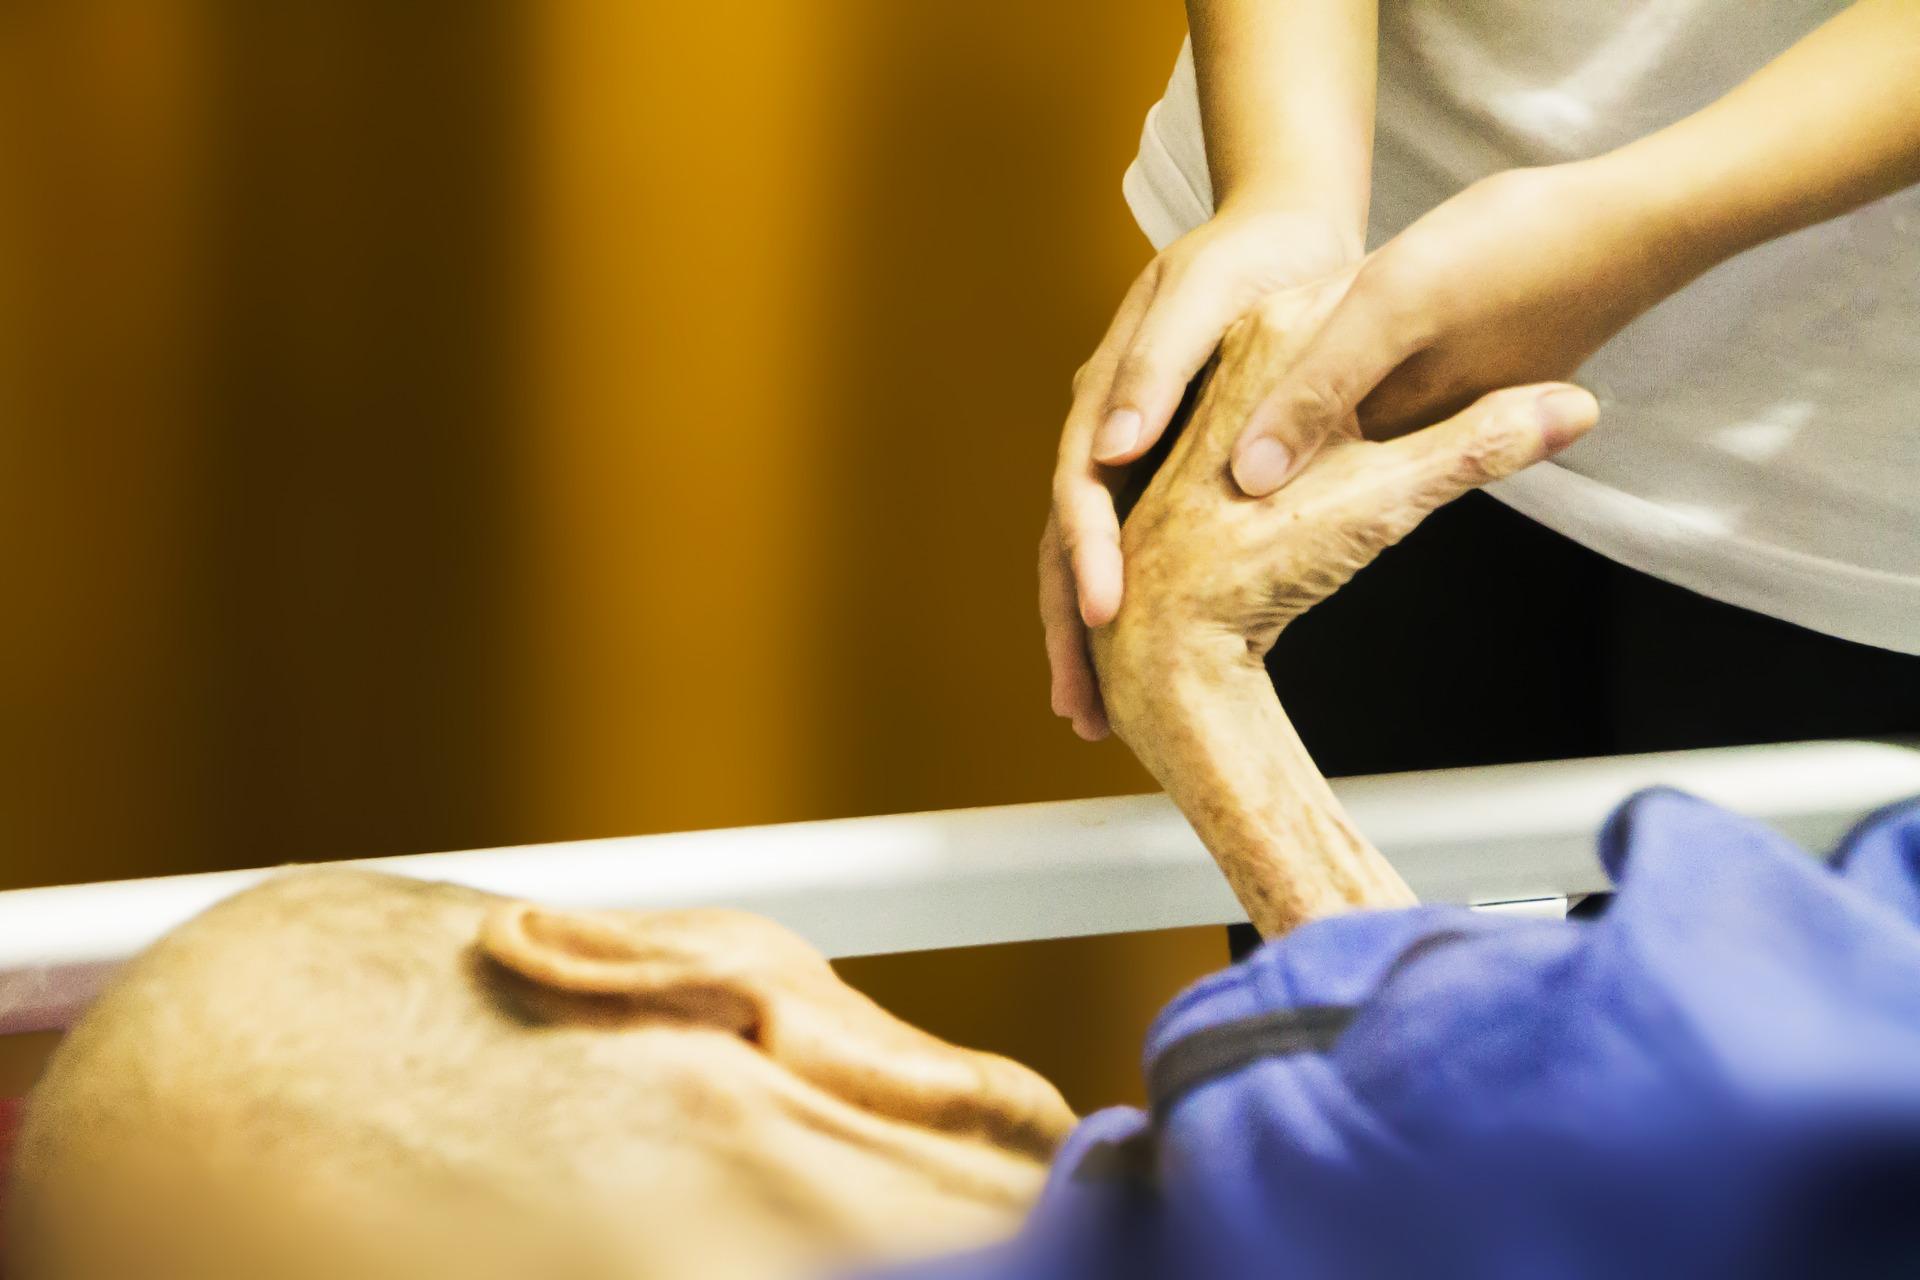 L'Associació per a l'Acompanyament al Final de la Vida celebra el Dia Mundial dels hospices i les cures pal·liatives 2018